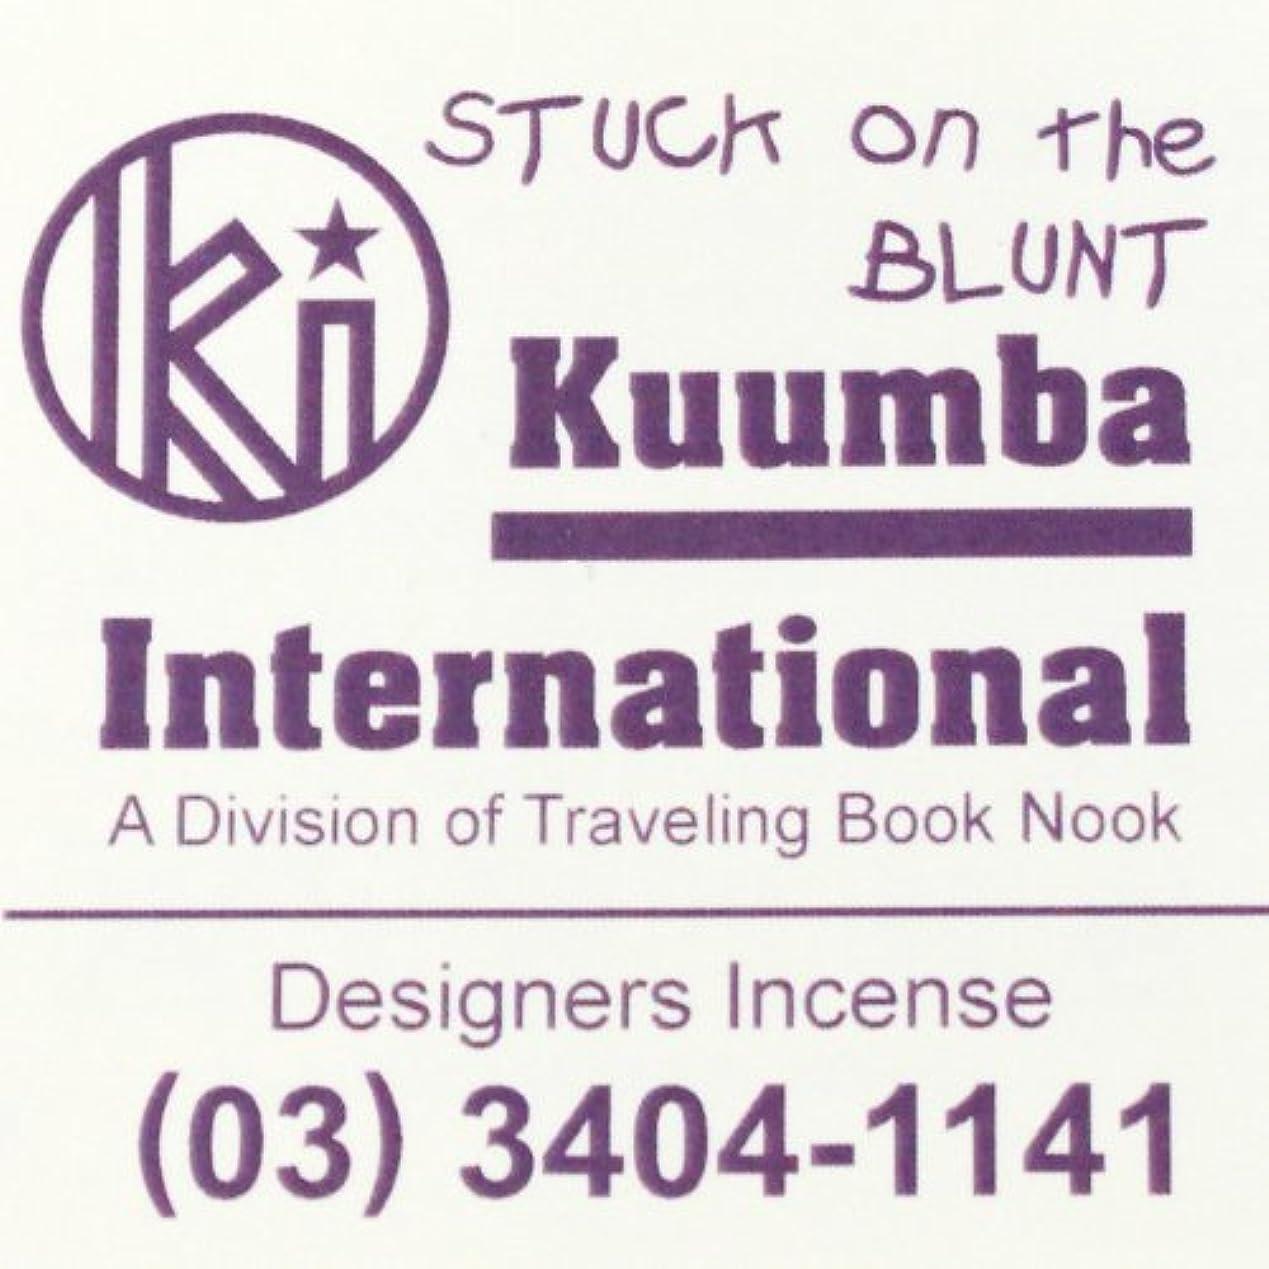 最初にストロー何もない(クンバ) KUUMBA『incense』(STUCK on the BLUNT) (Regular size)